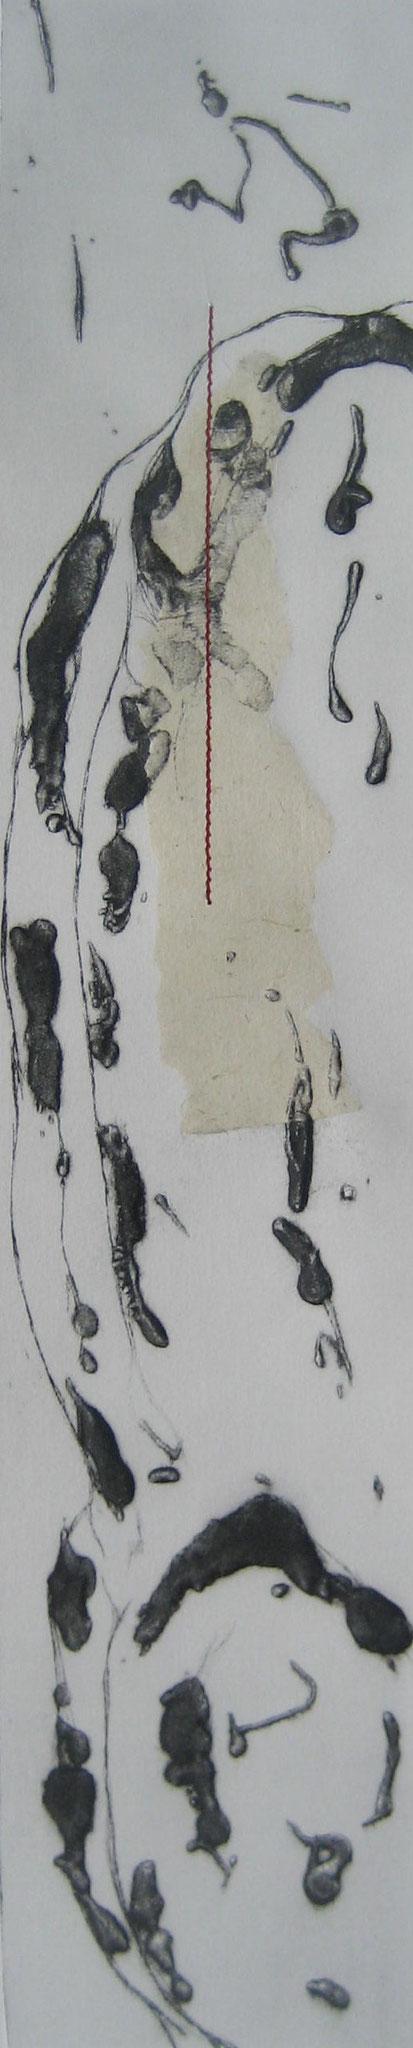 Sans titre - Pointe sèche et carborundum sur zinc, chine appliqué et couture - 2013